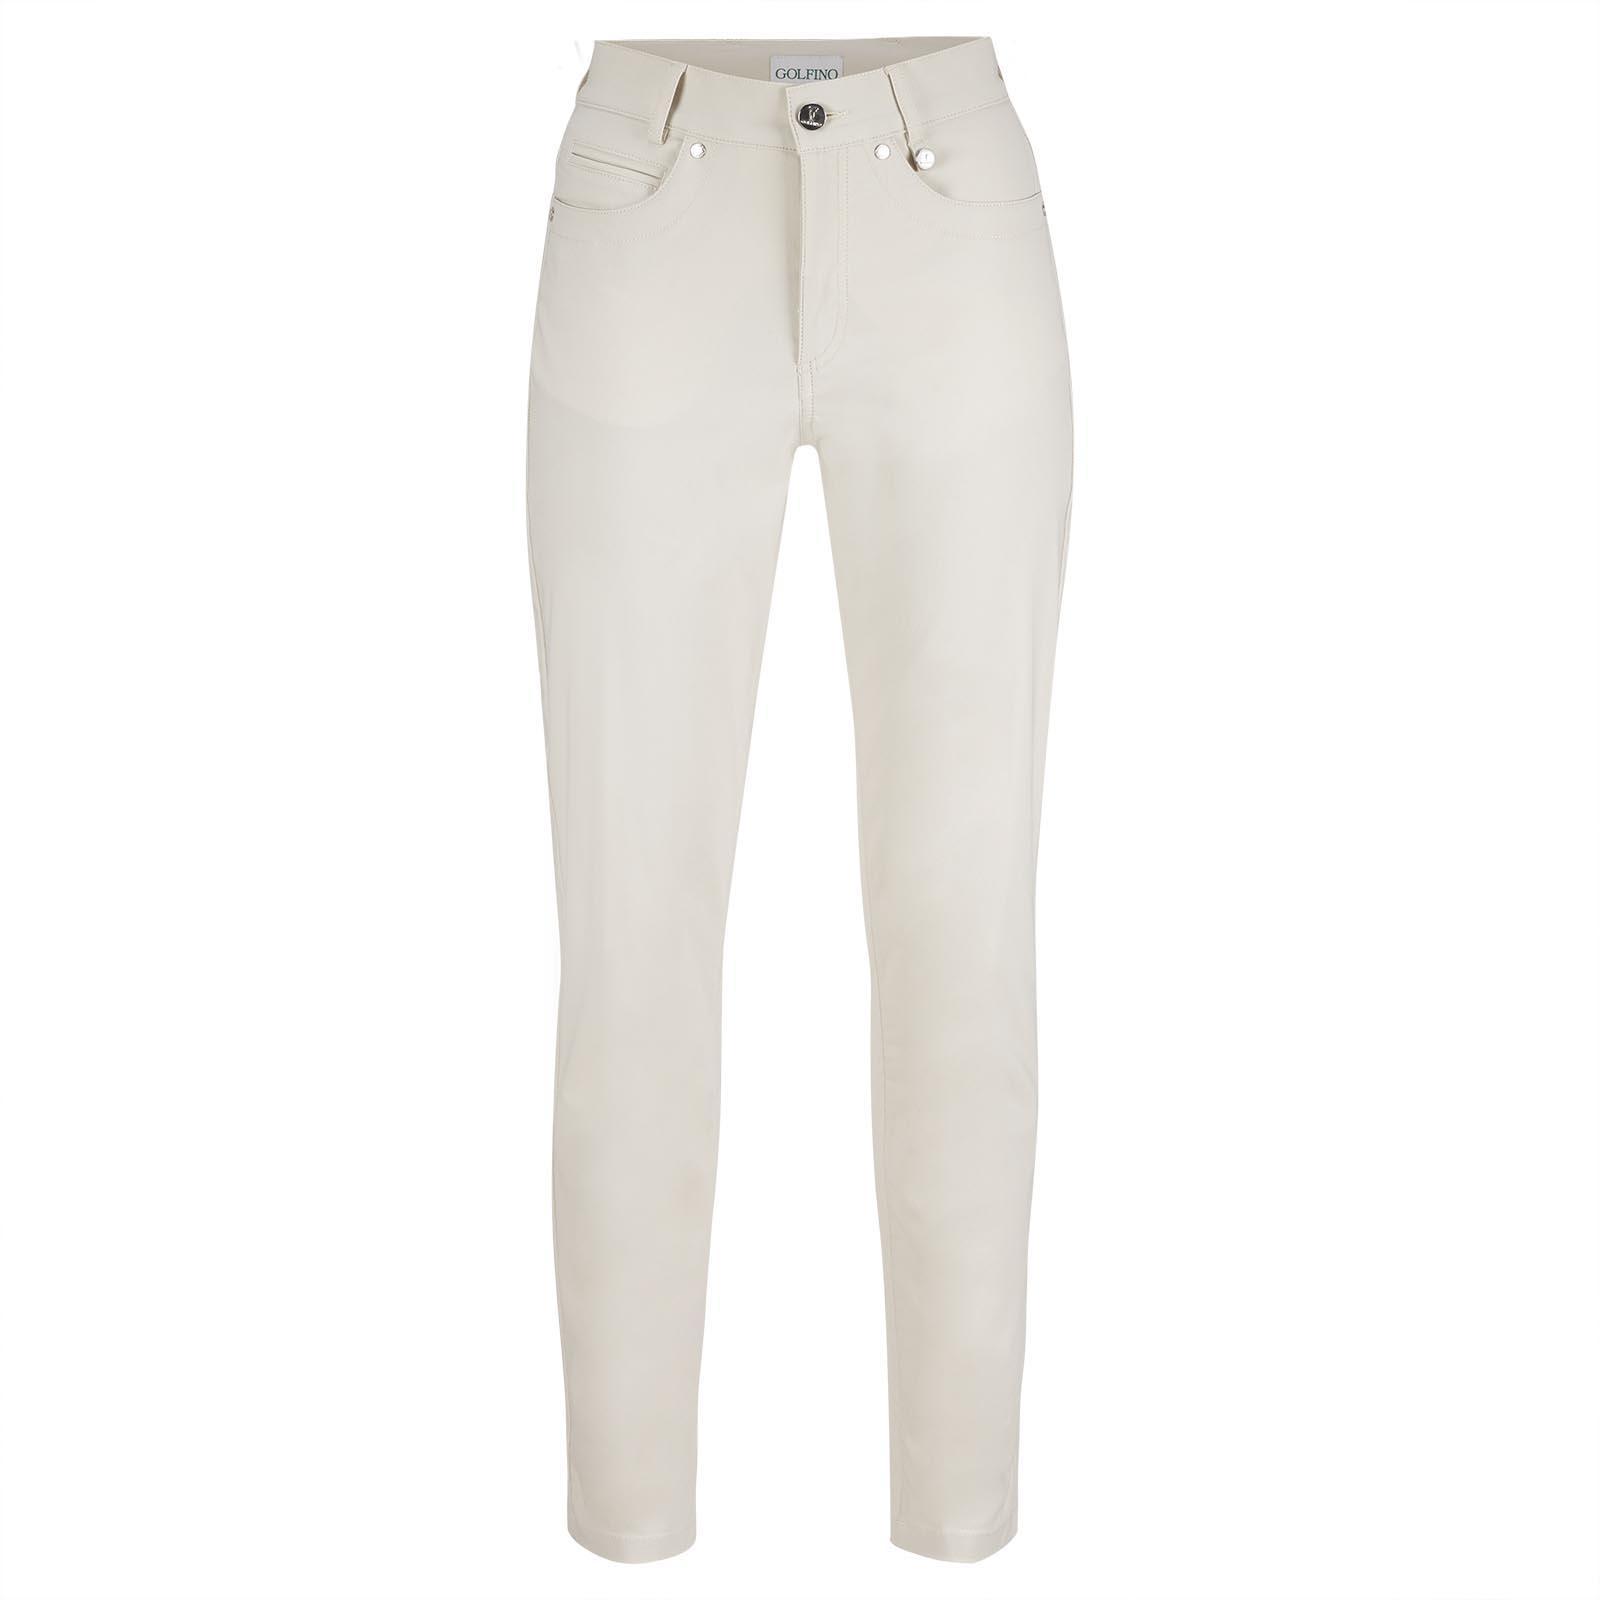 Ladies' trousers in denim look